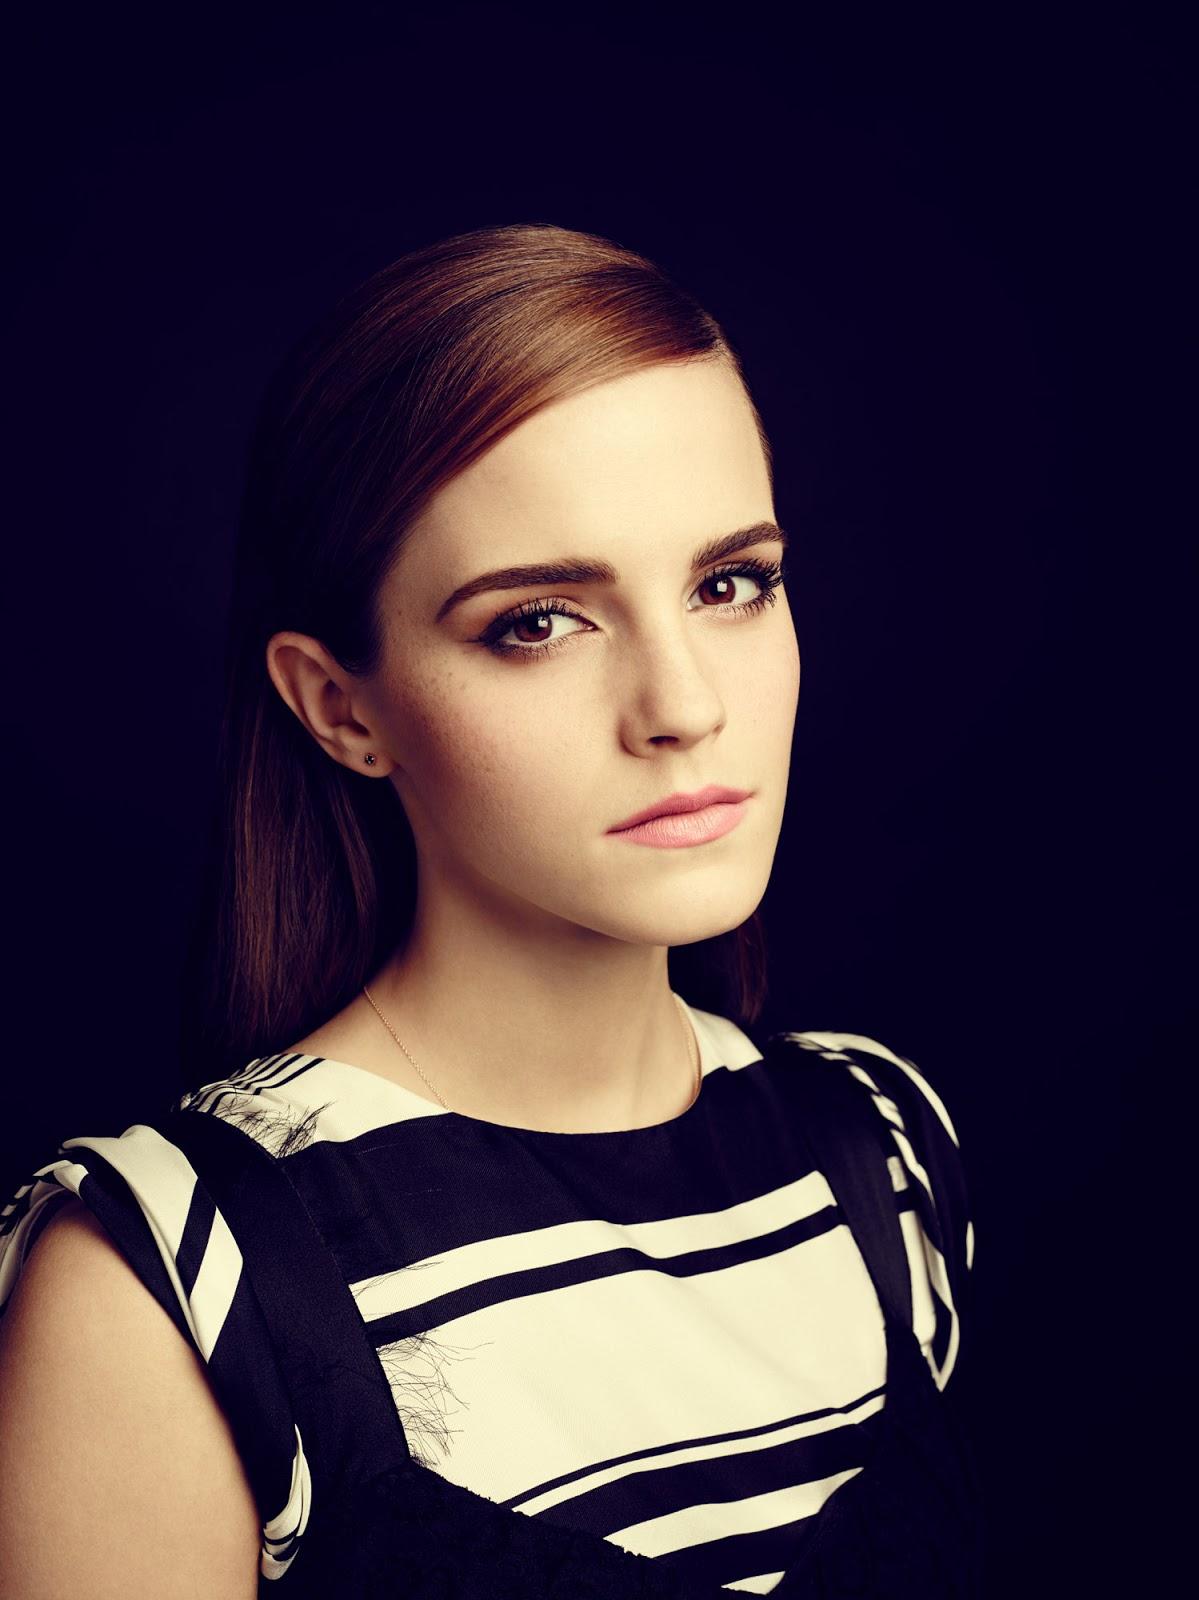 Emma Watson Hollywood Actress 40 Fantastic Photos: Emma Watson Updates: HQ Pictures Of Emma Watson, Logan